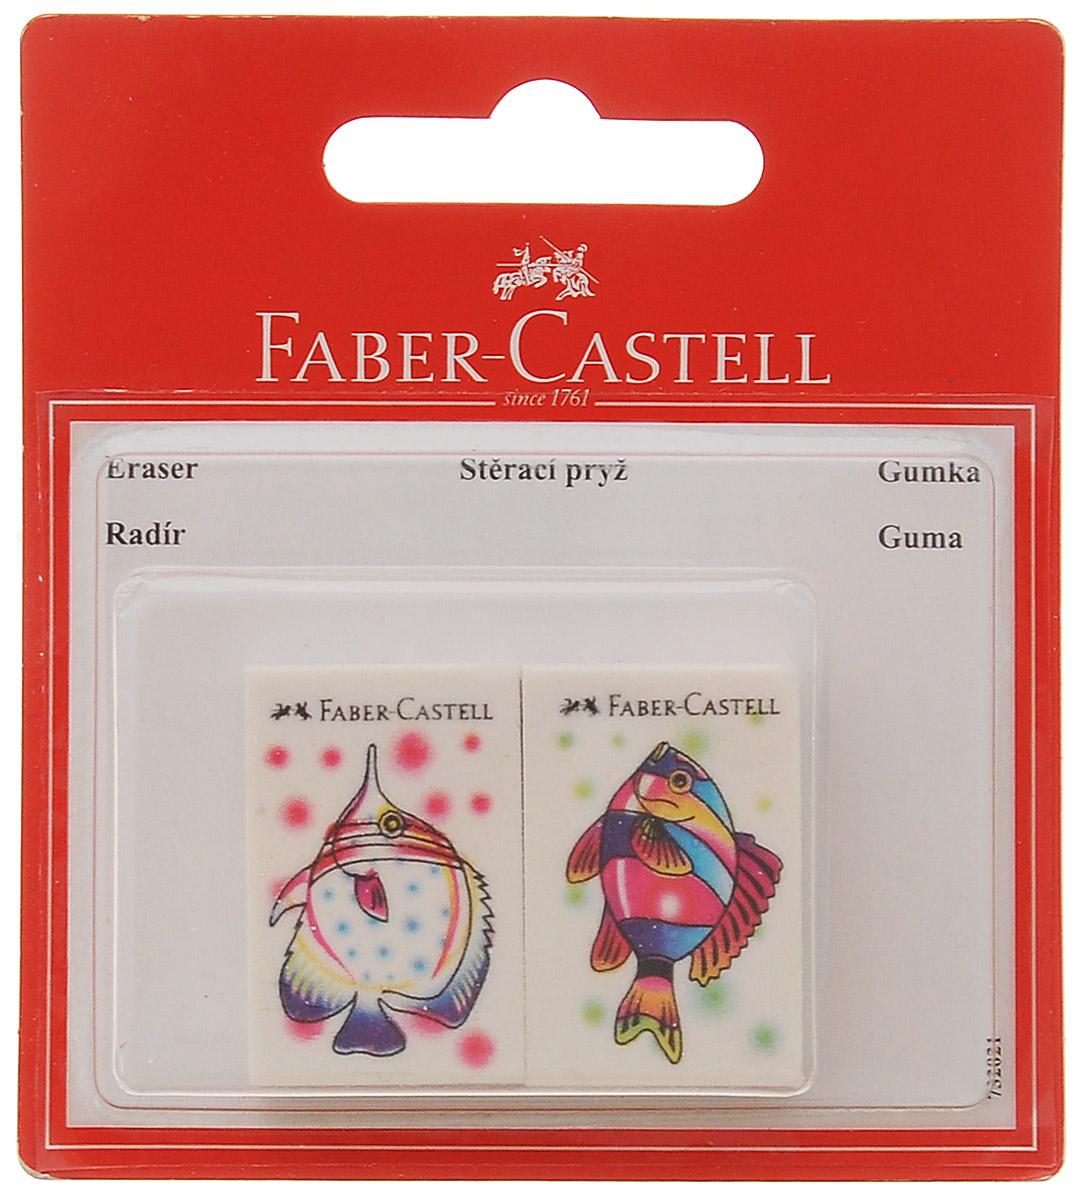 Ластик Faber-Castell Рыбкис изображением красивых рыбок не содержит ПВХ, пригоден для графитных простых и цветных карандашей. Размеры ластика: 3,5 см х 2,2 см х 0,5 см. В комплекте 2 ластика.Уважаемые клиенты! Обращаем ваше внимание на возможные изменения в дизайне рисунка на ластике, связанные с ассортиментом продукции. Поставка осуществляется в зависимости от наличия на складе.